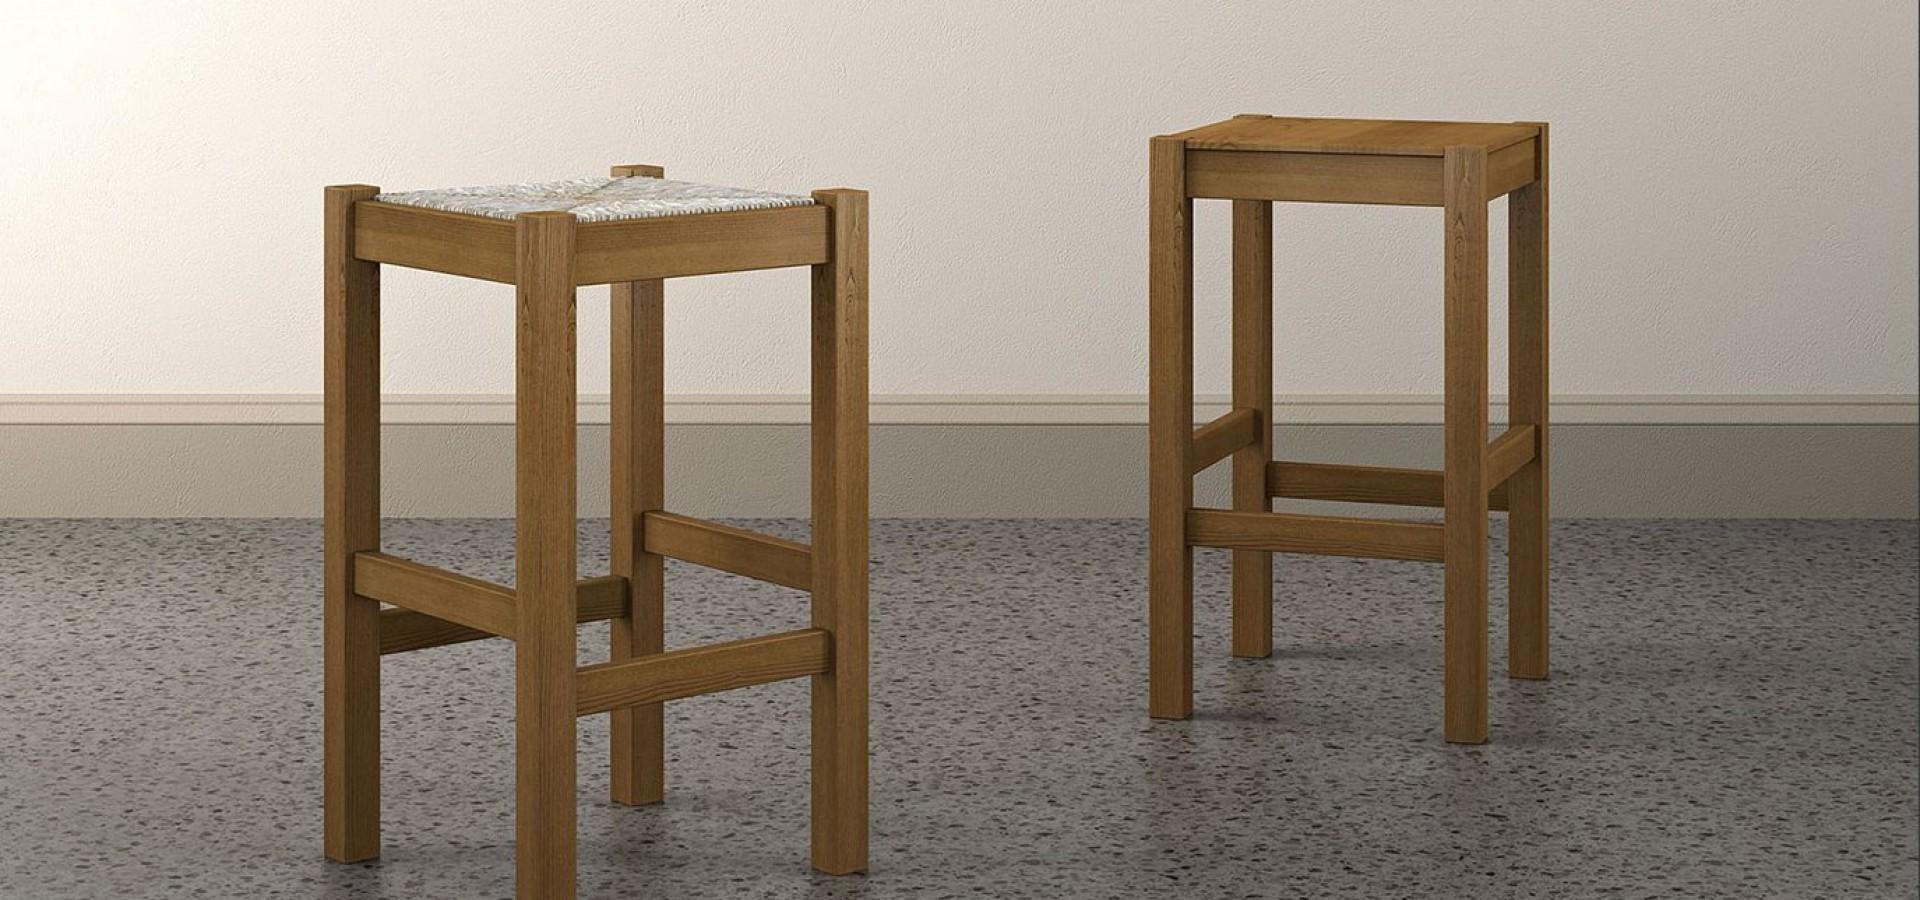 Итальянский стул Барный табурет 302 | Стул Барный табурет 302 ARREDO3